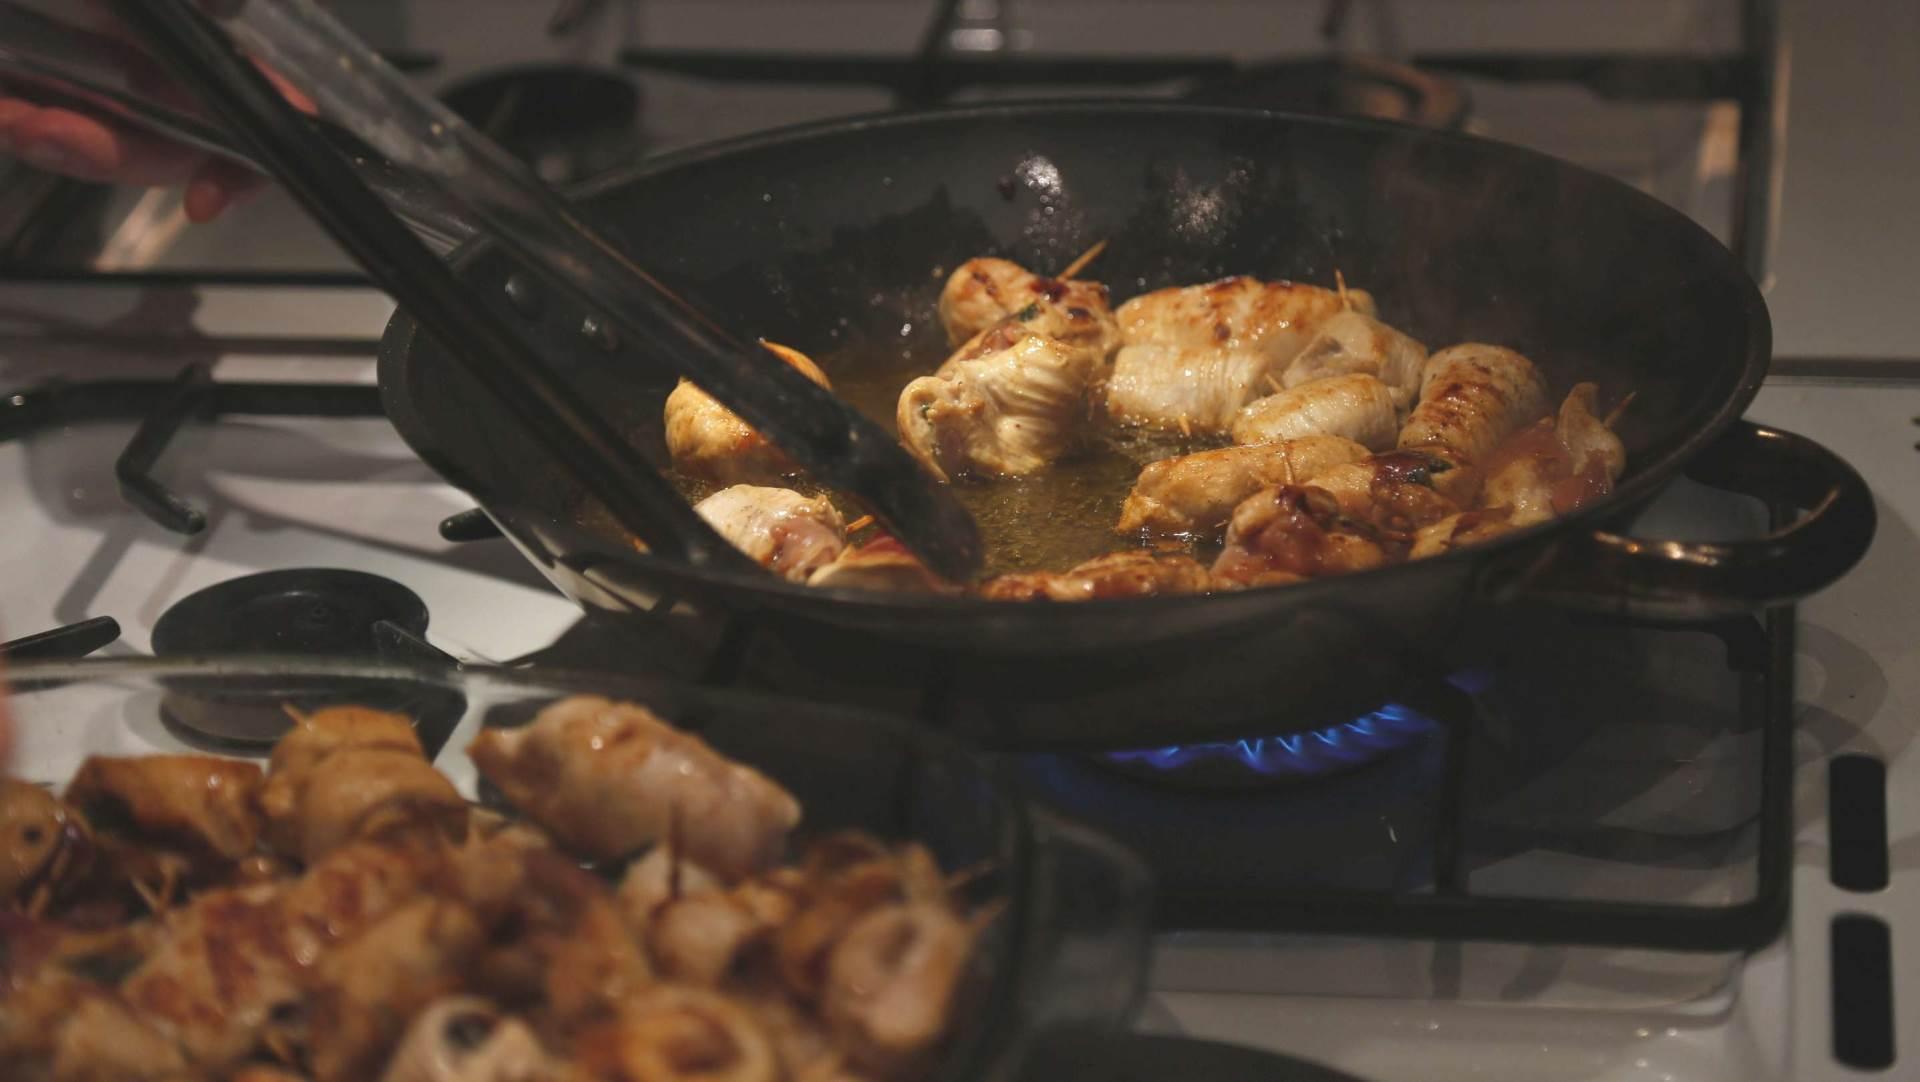 hrana, meso, prženje, pečenje